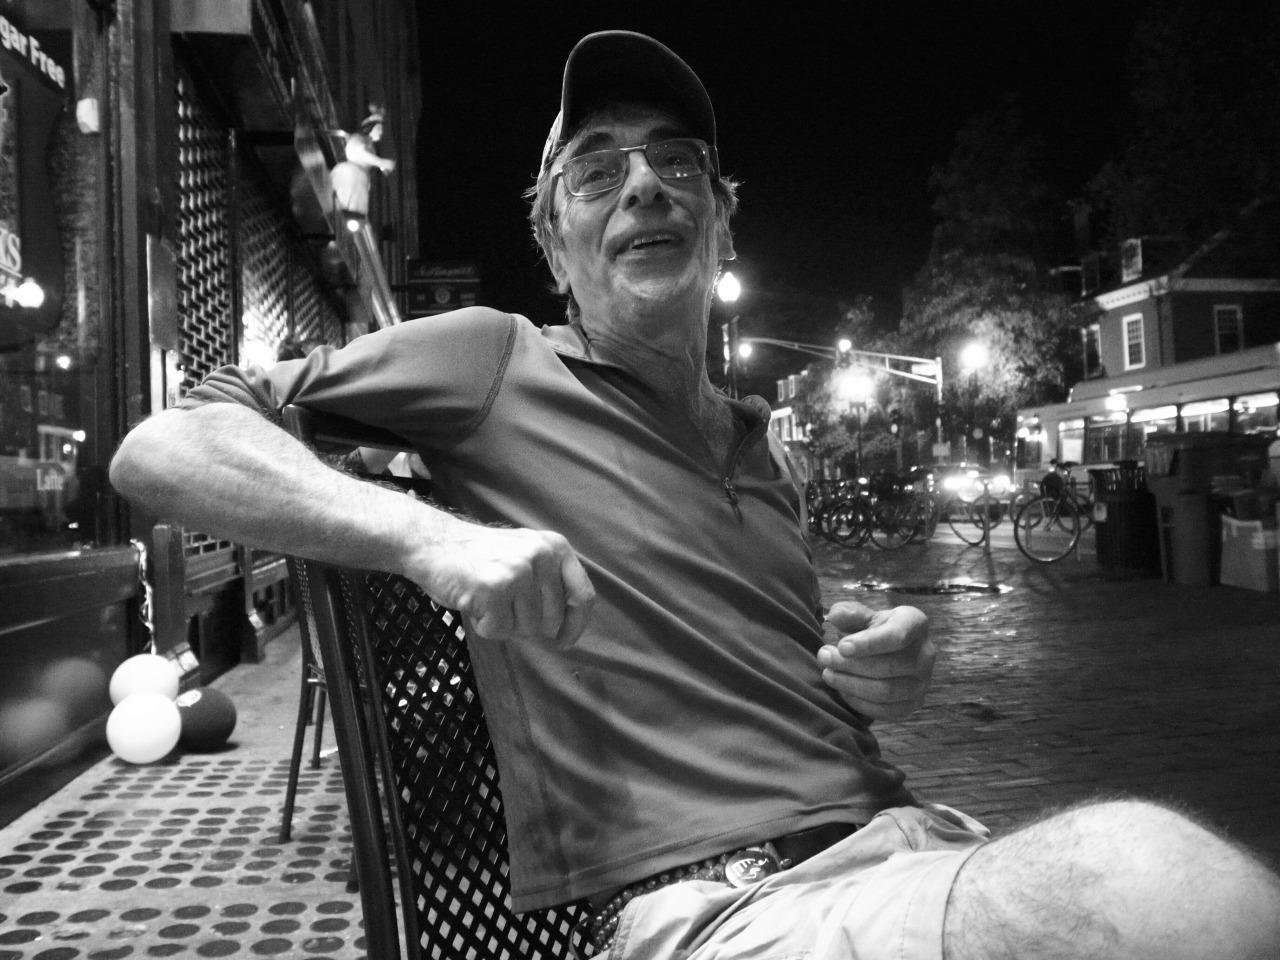 Saul Levine July 11, 2013